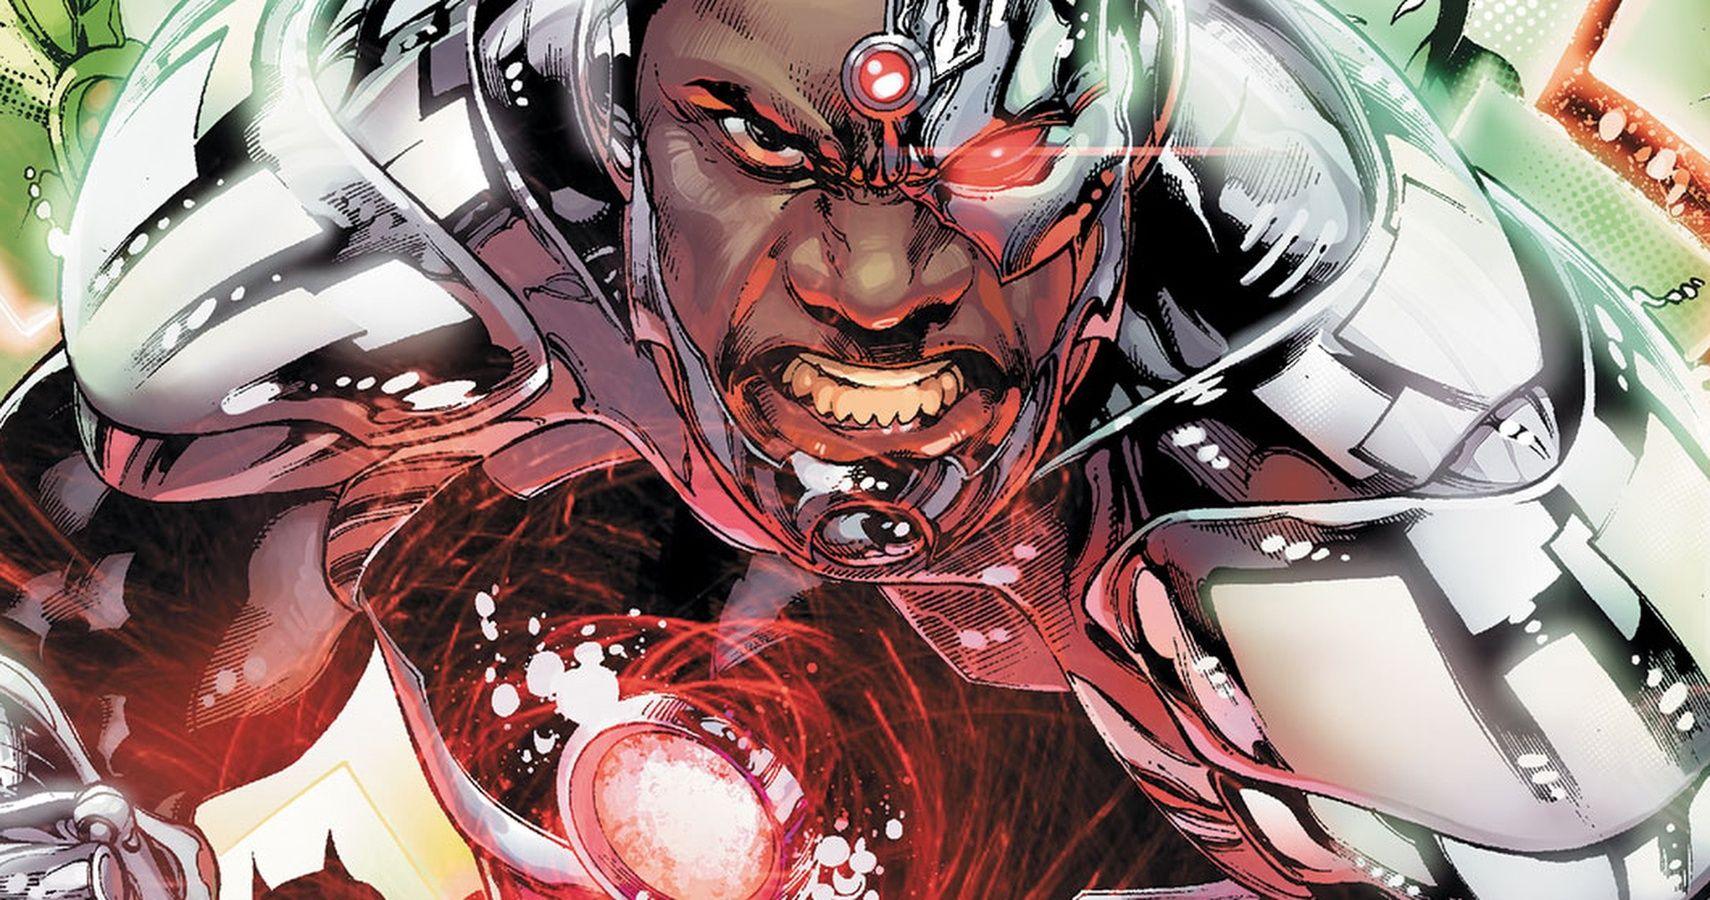 Cyborg comic book characters